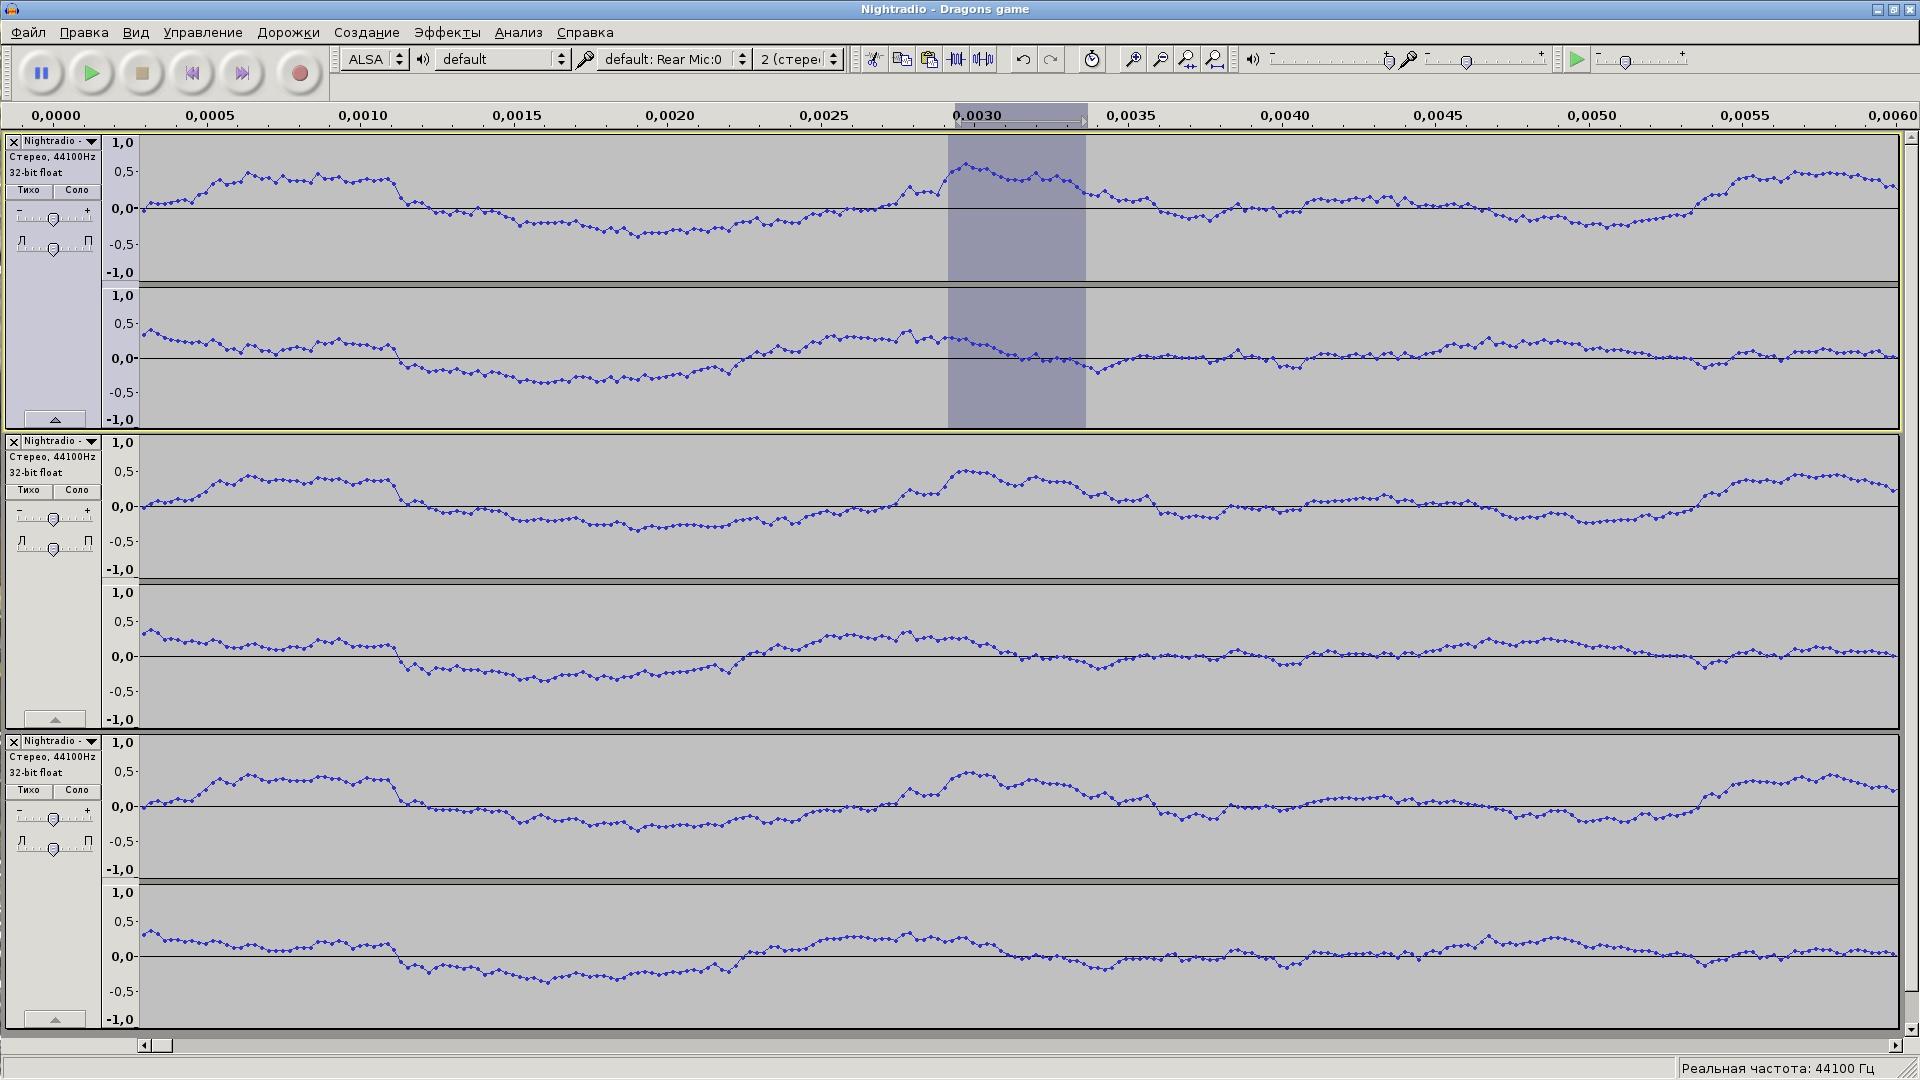 Сверху вниз: оригинал стереофонической записи (WAV, без потерь), первая копия (MP3, 128 кбит/с, стерео), вторая копия (те же параметры). Обратите внимание, в частности, на то, как раз от раза стираются и деформируются пики.